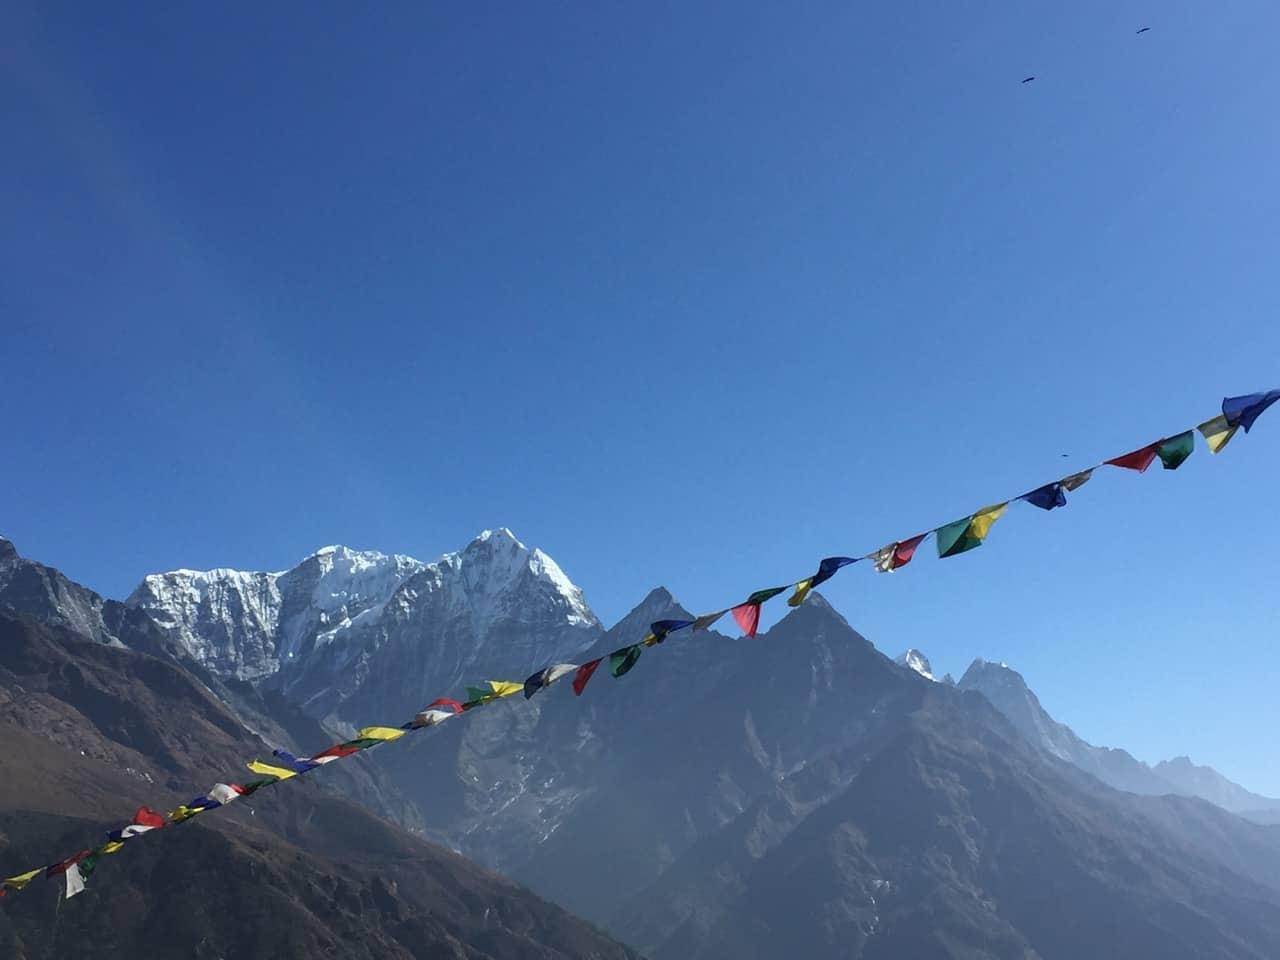 gebetsfahnen vor himalaya bergen und tiefblauem himmel